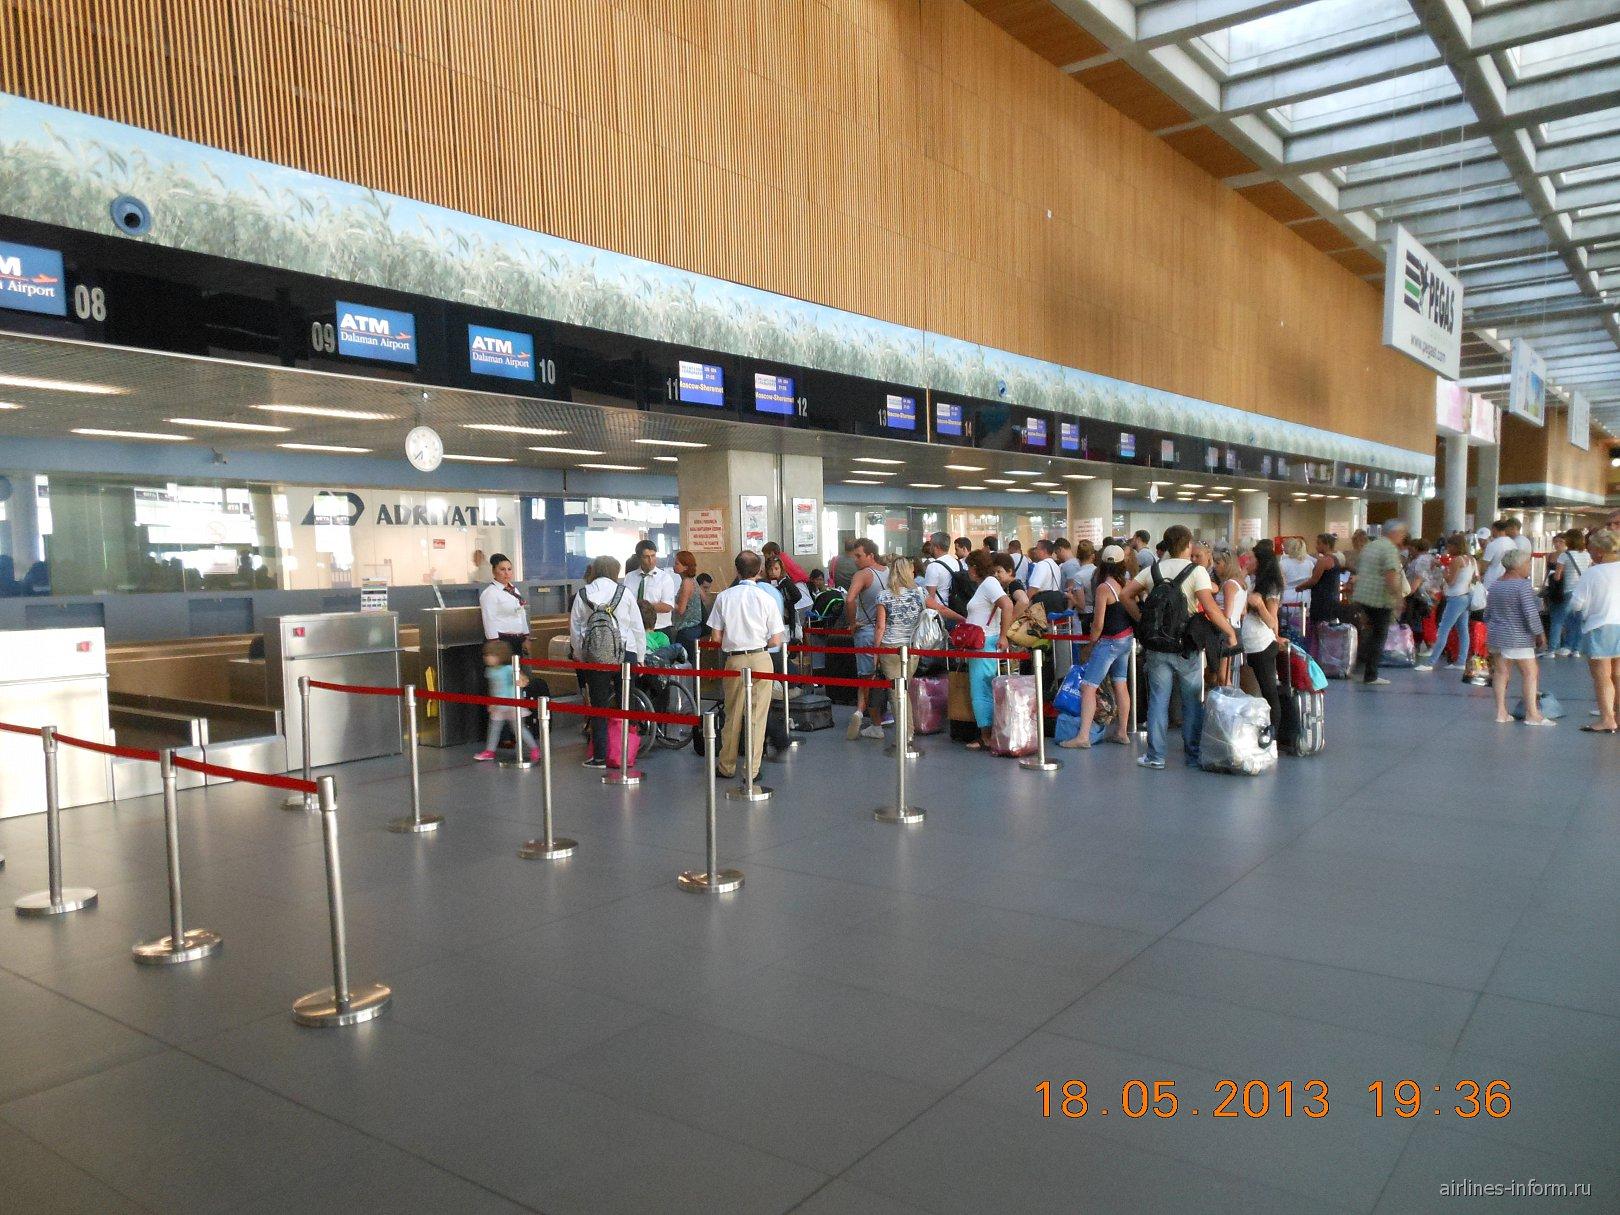 Стойки регистрации в аэропорту Даламан